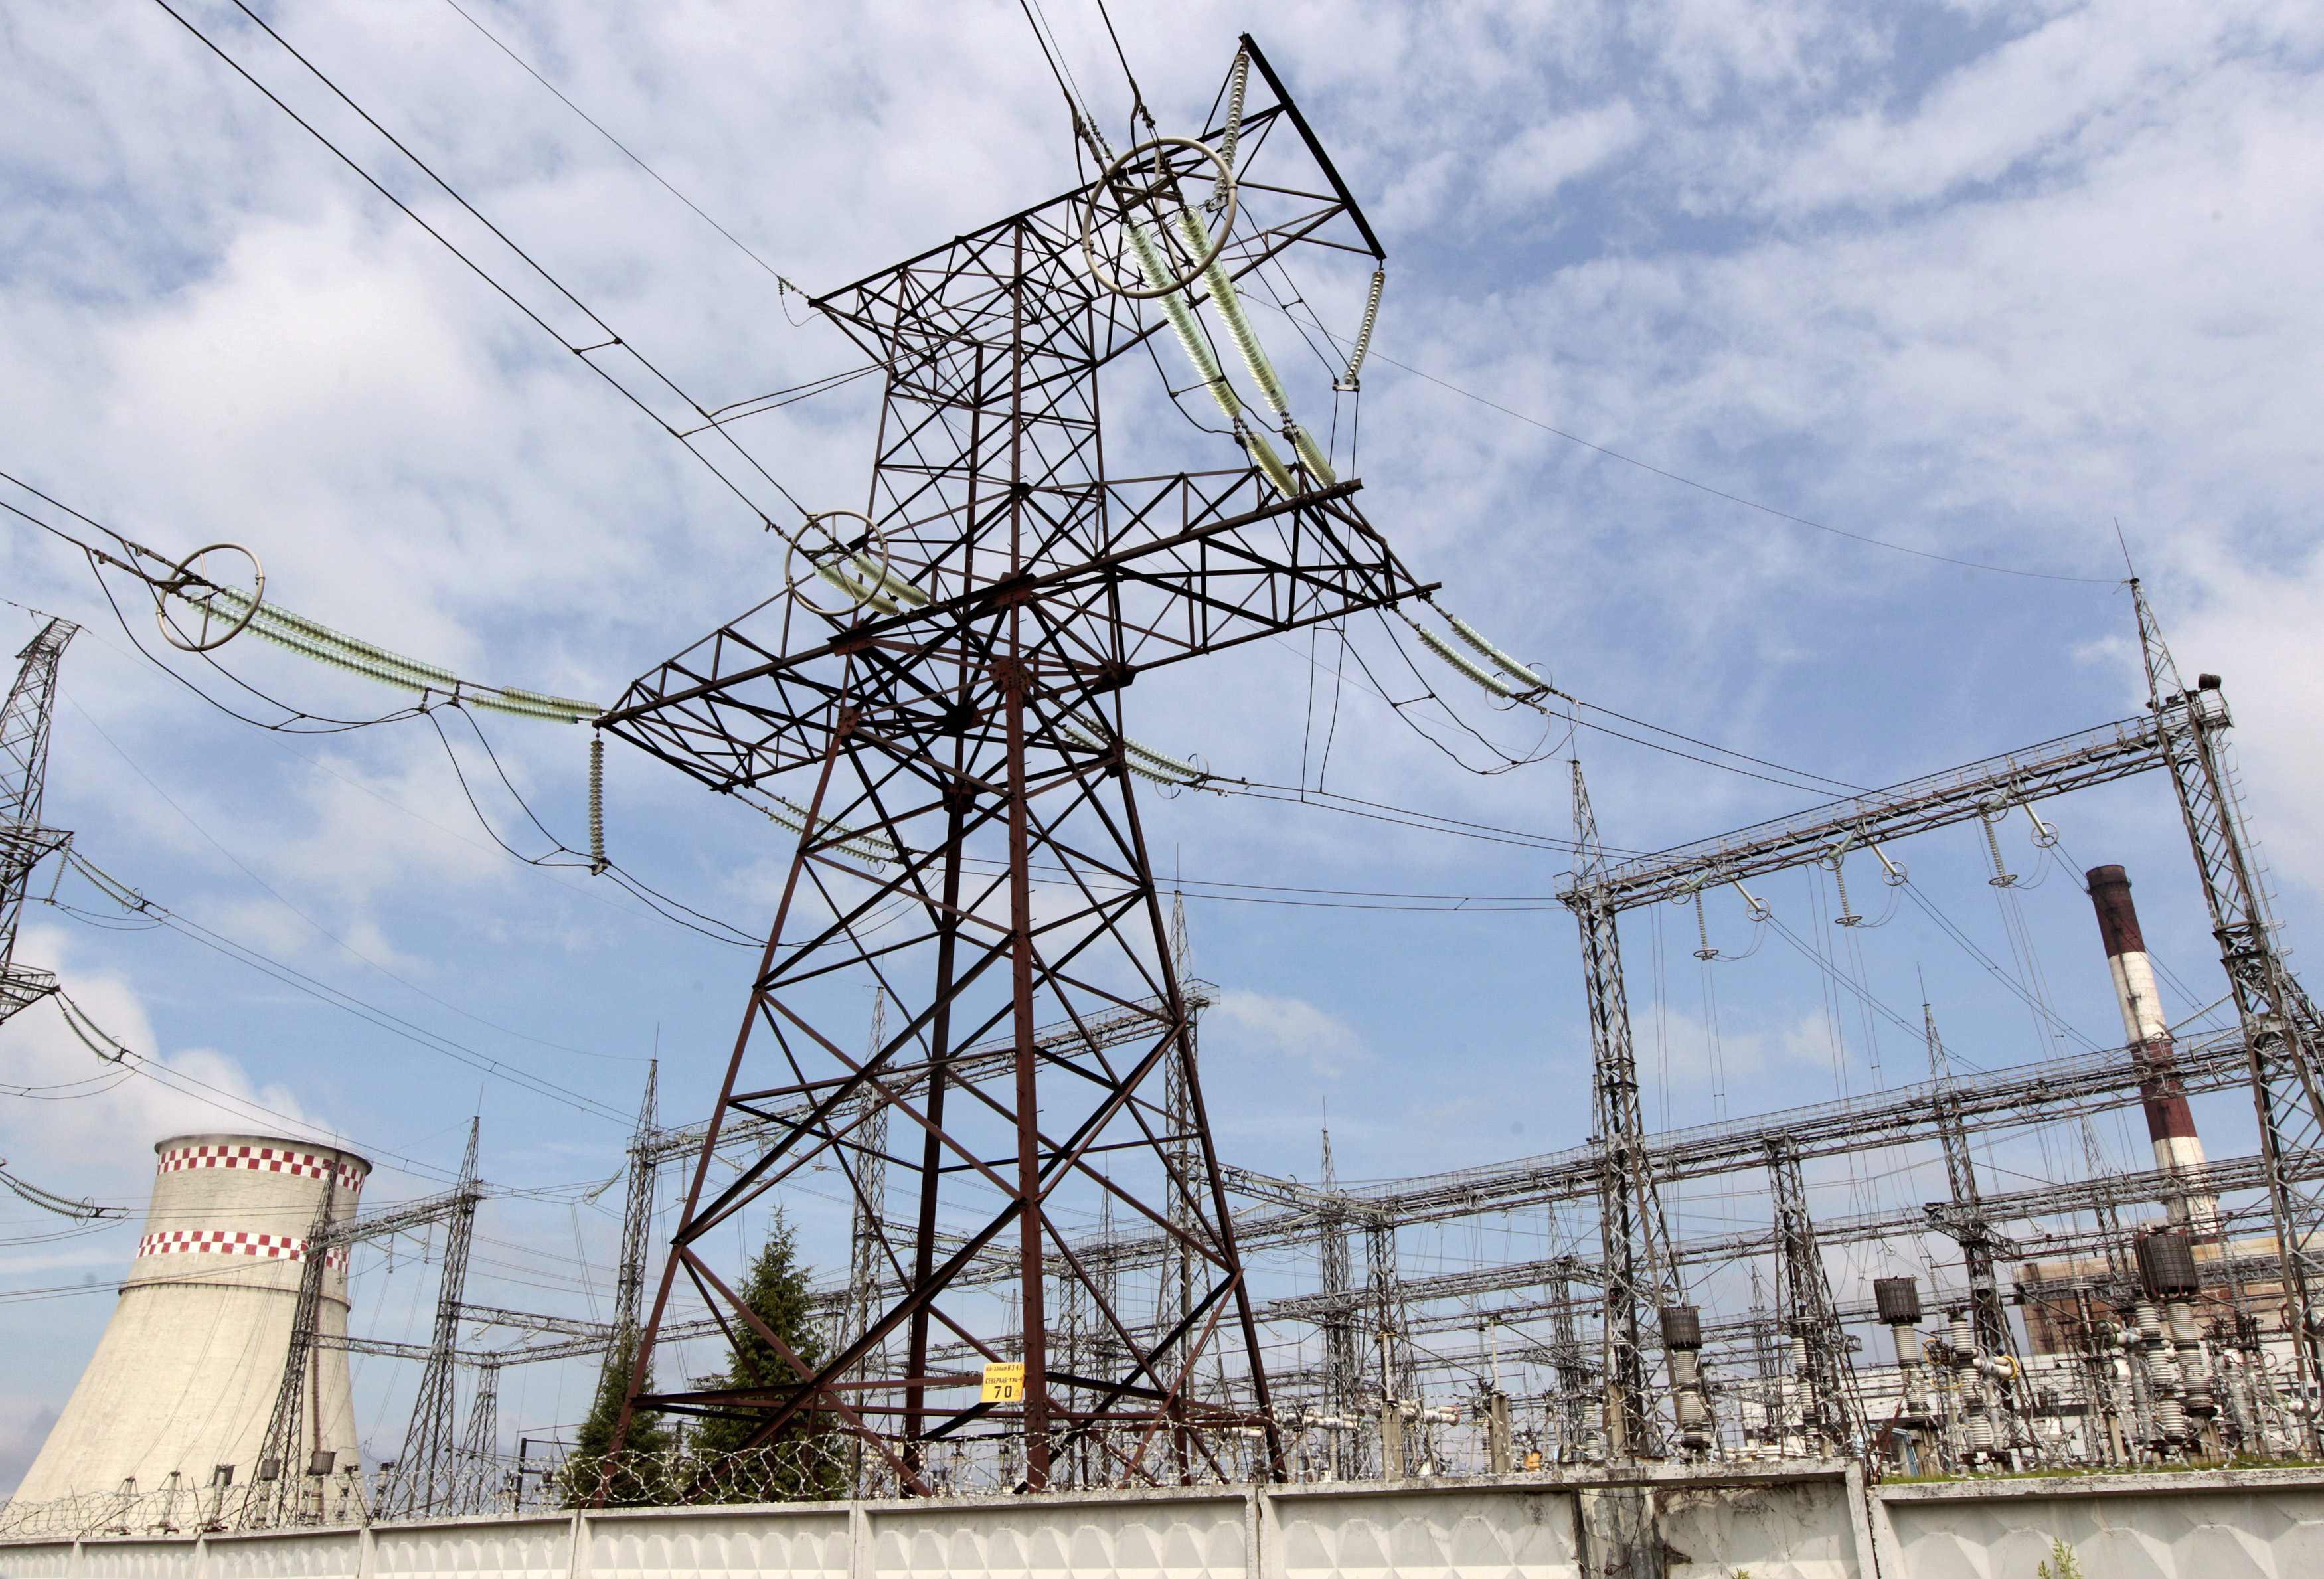 ОДА: Енергопостачання прикордонних районів Херсонщини відбувається зарезервними схемами